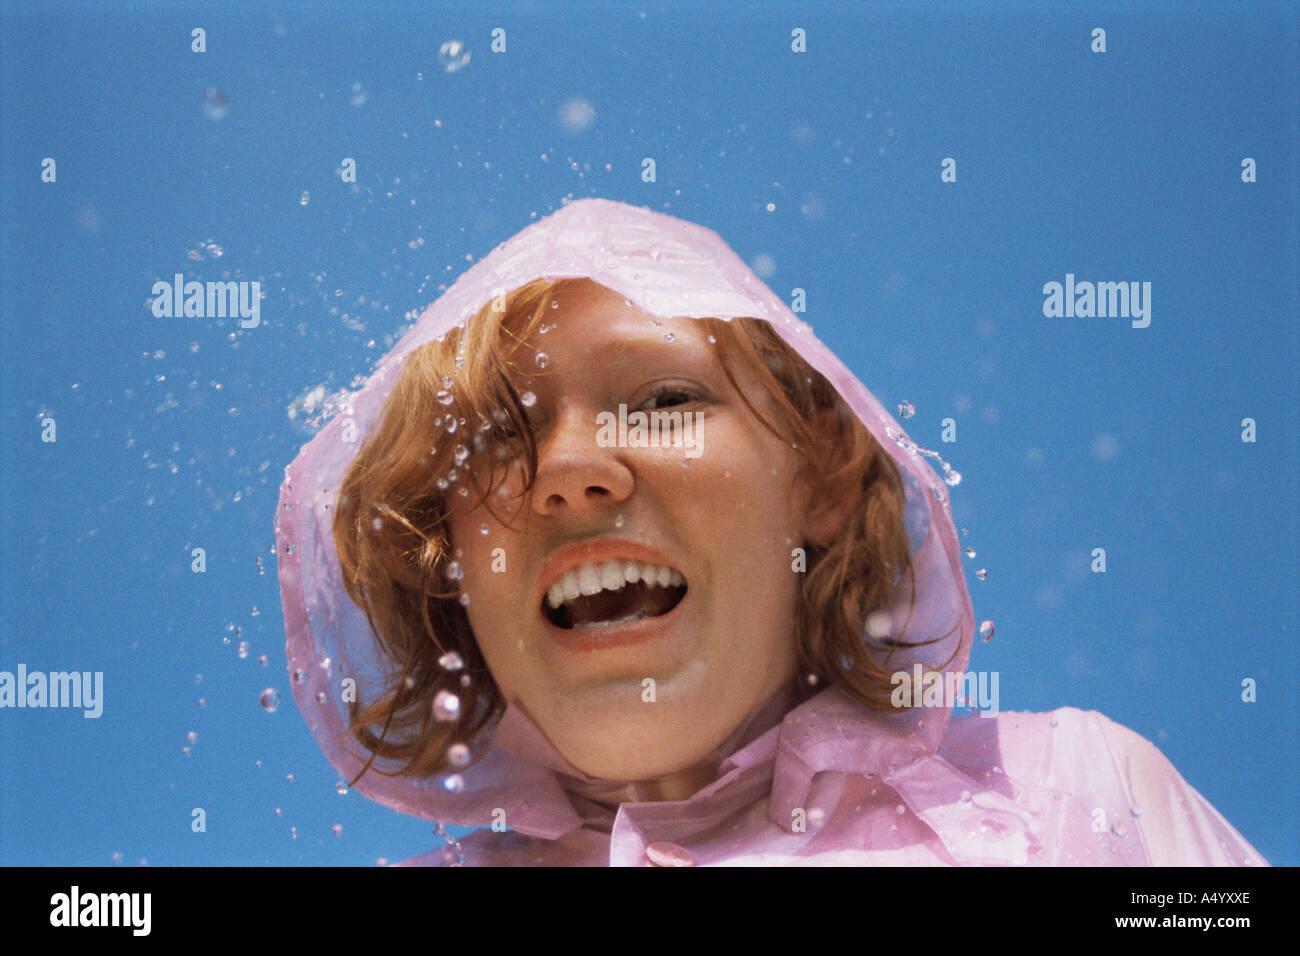 Girl wearing hood - Stock Image